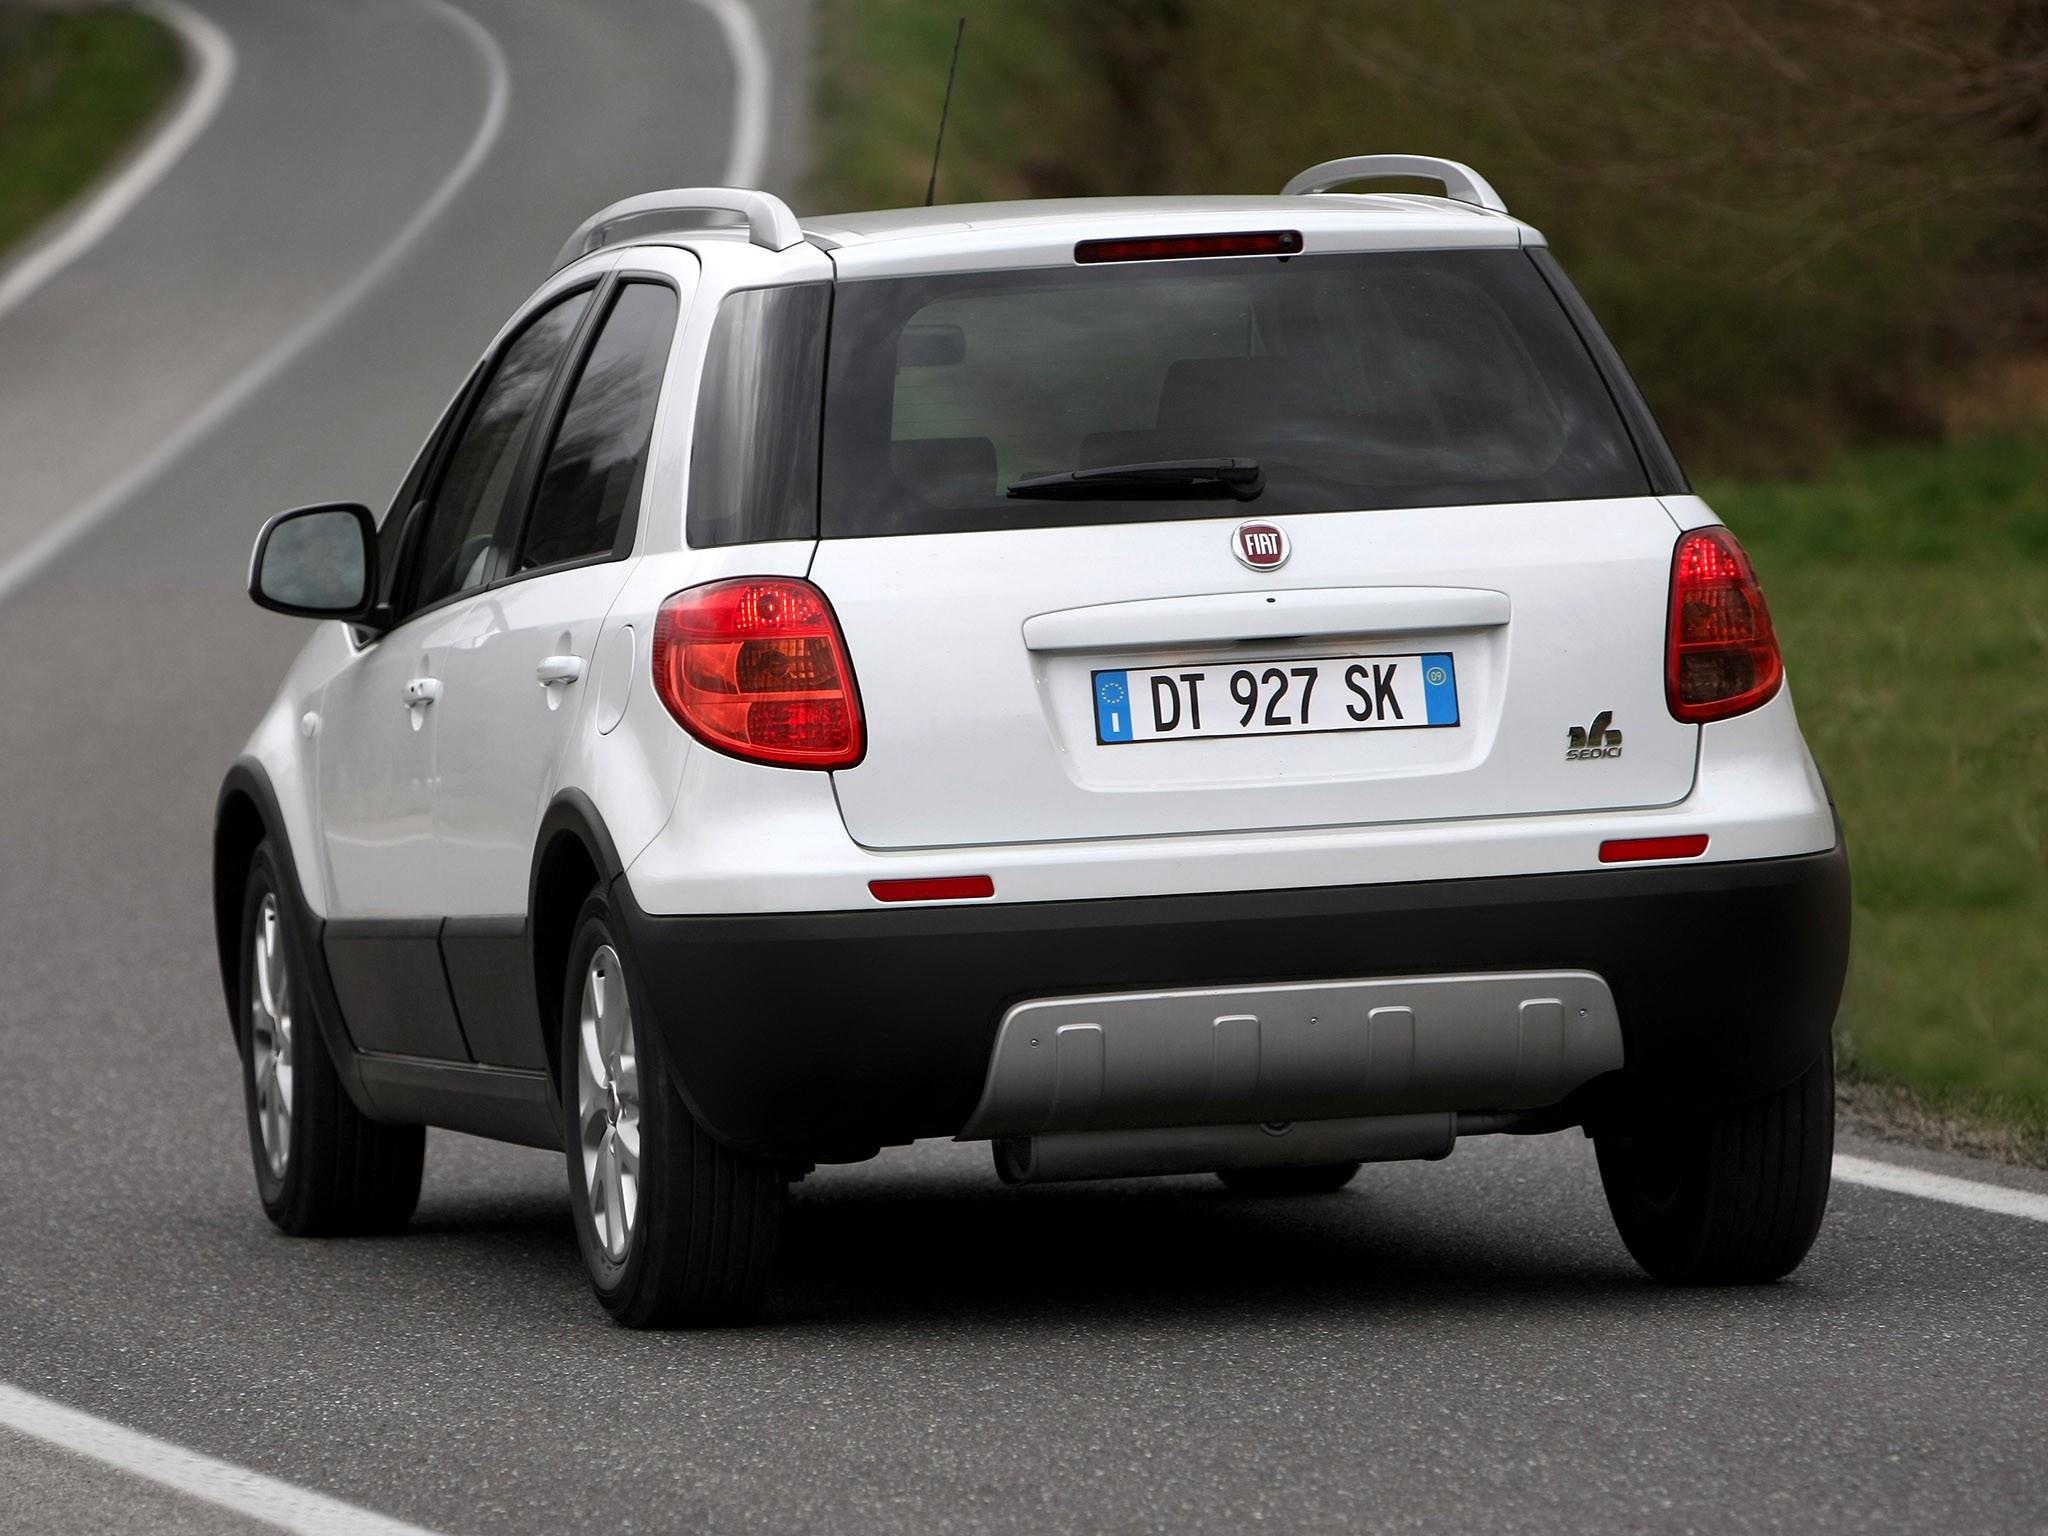 FIAT Sedici - 2009, 2010, 2011, 2012, 2013, 2014, 2015, 2016 - autoevolution